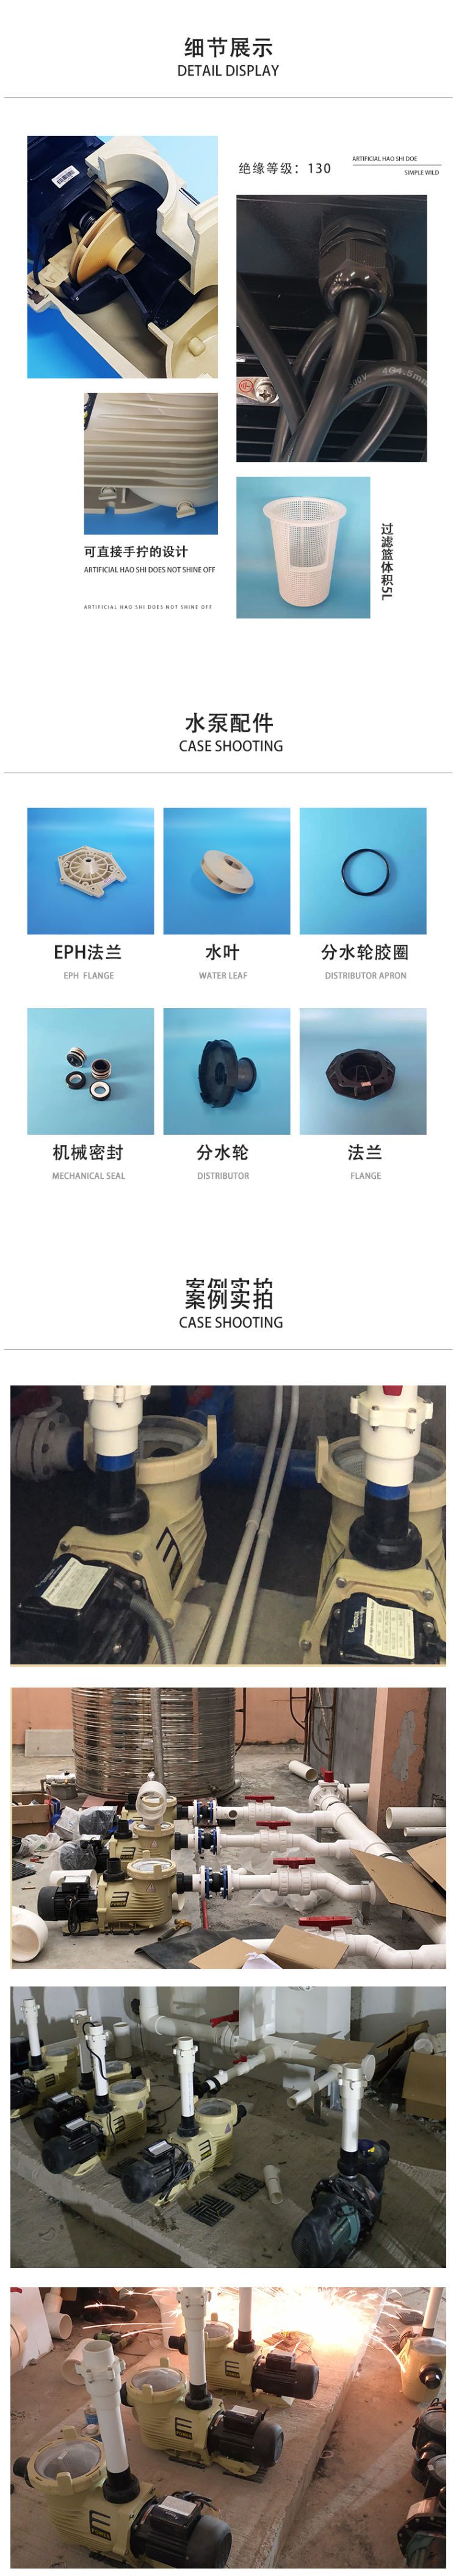 意万仕水泵产品实物图